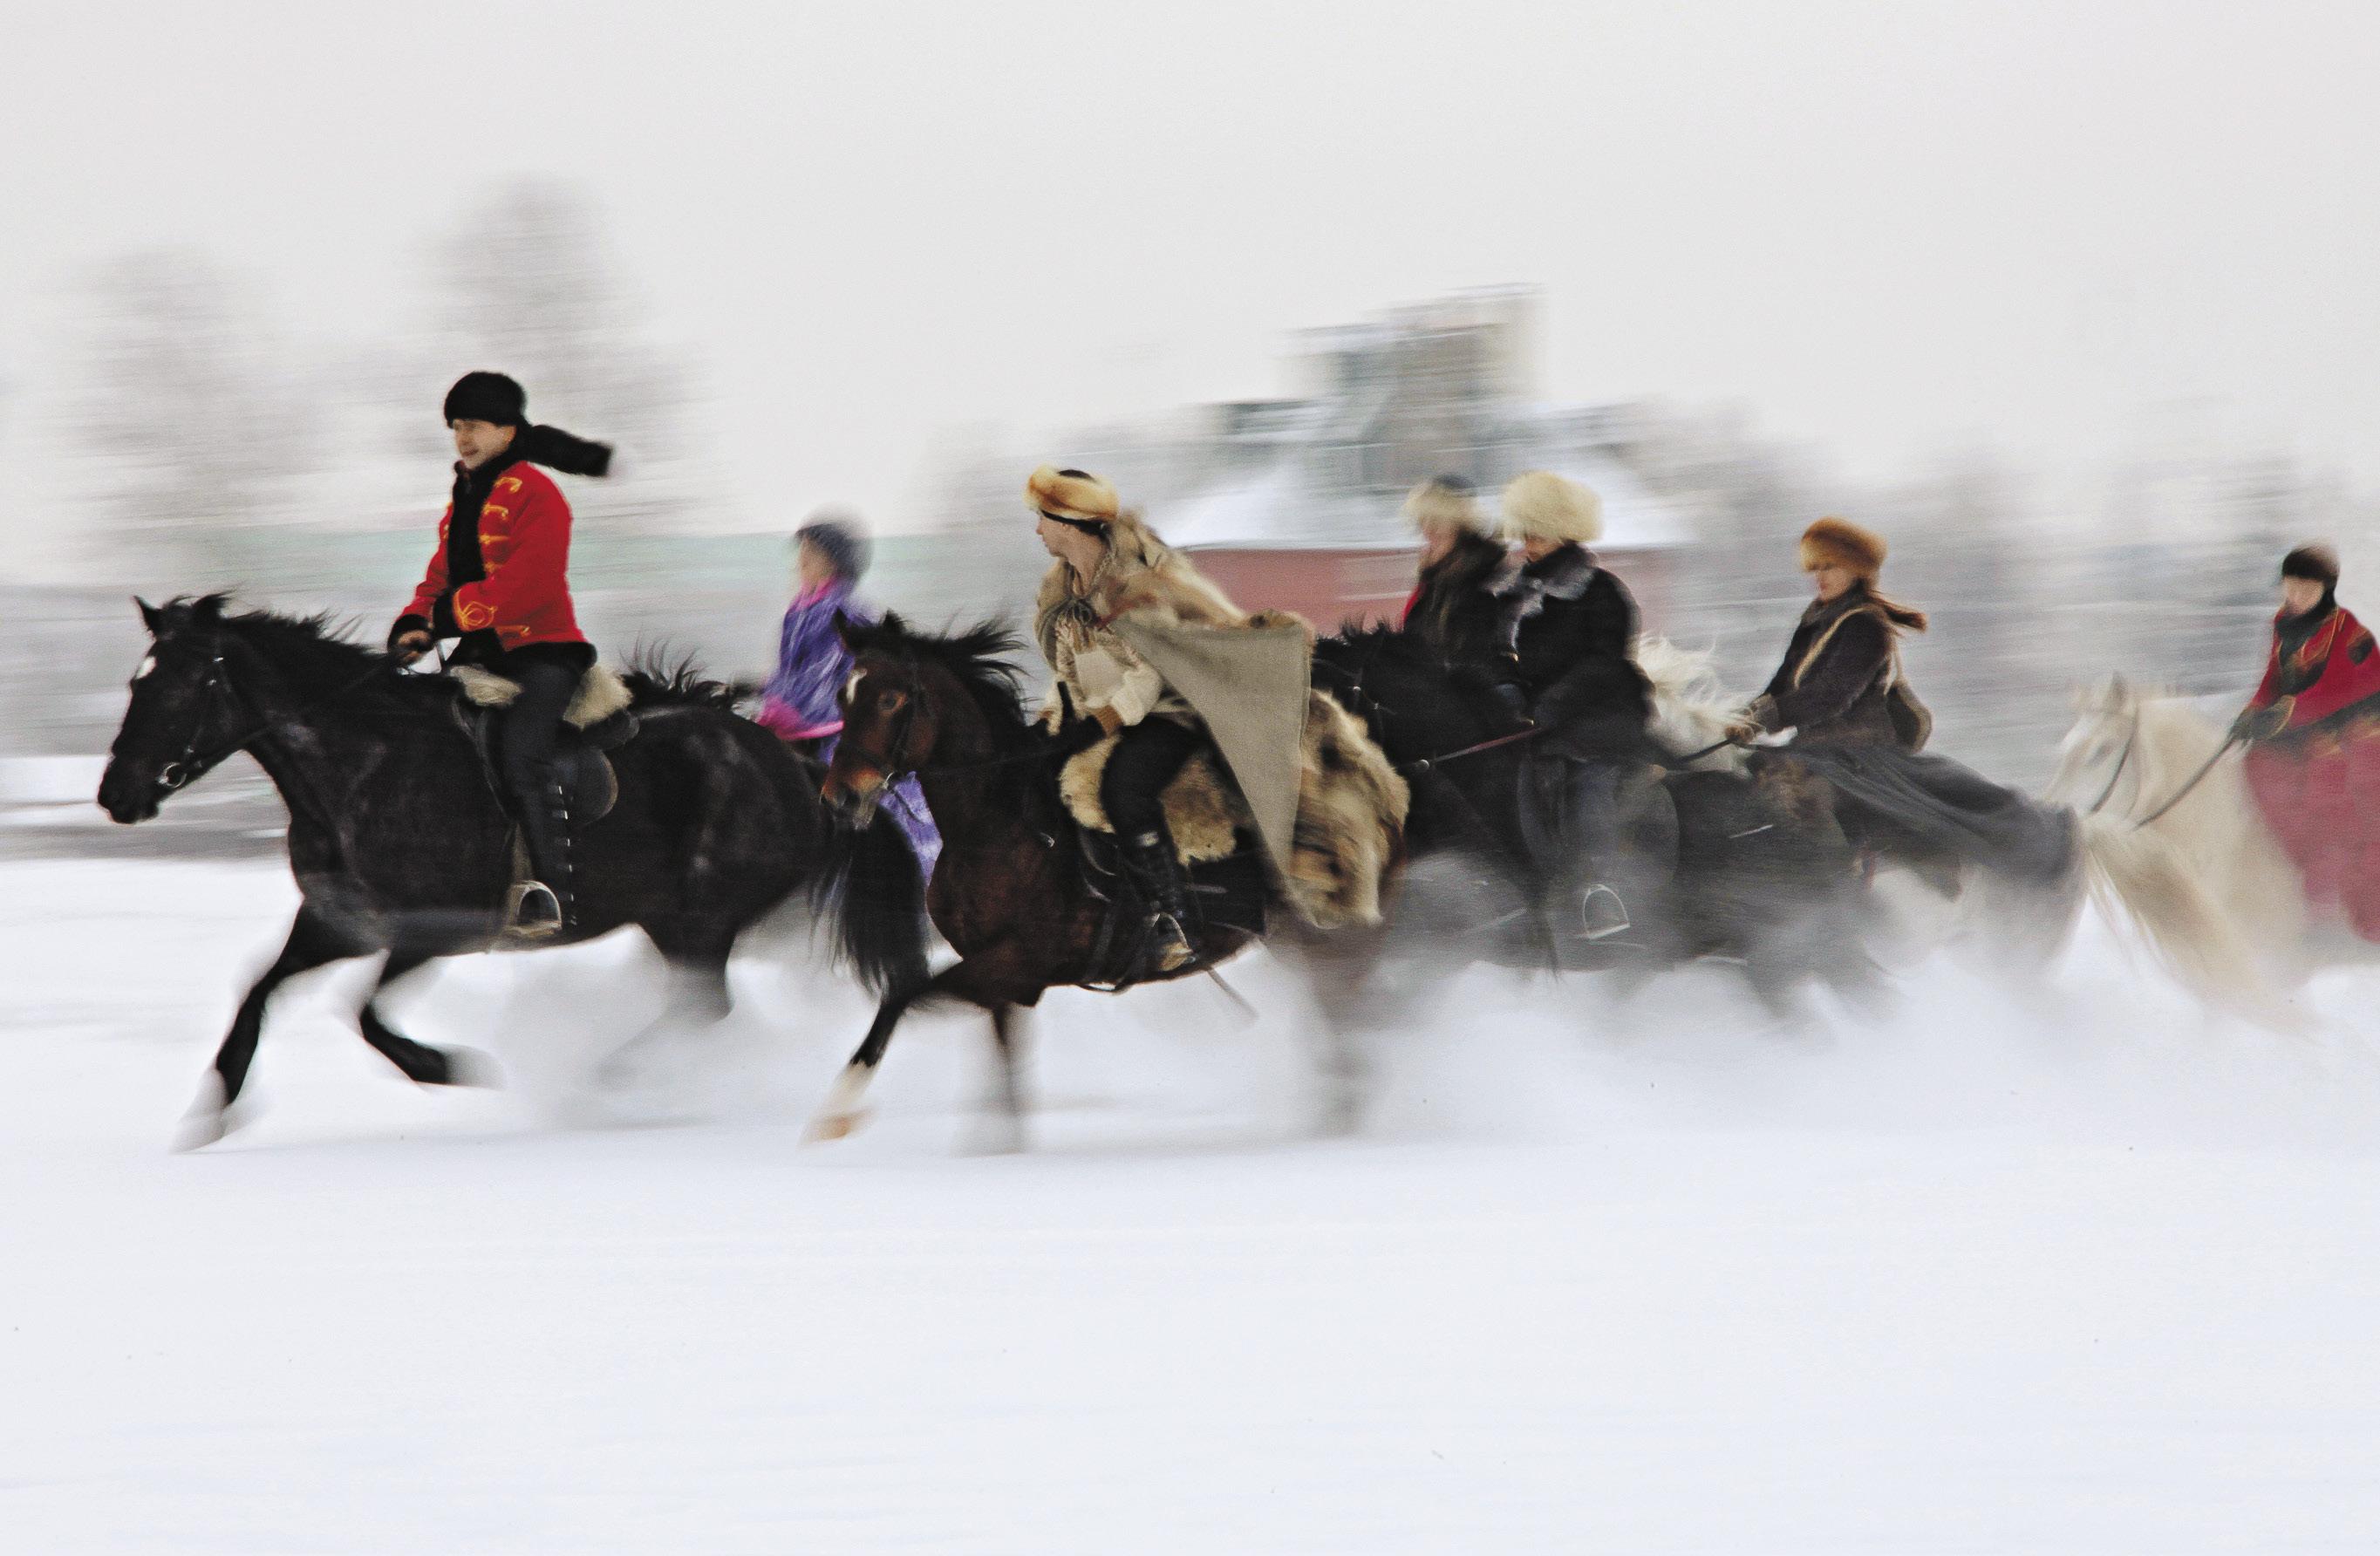 Реконструкция псовой конной охоты – это не только возрождение некогда забытых традиций наших пращуров, но и возможность ощутить лихой азарт охотничьей погони.